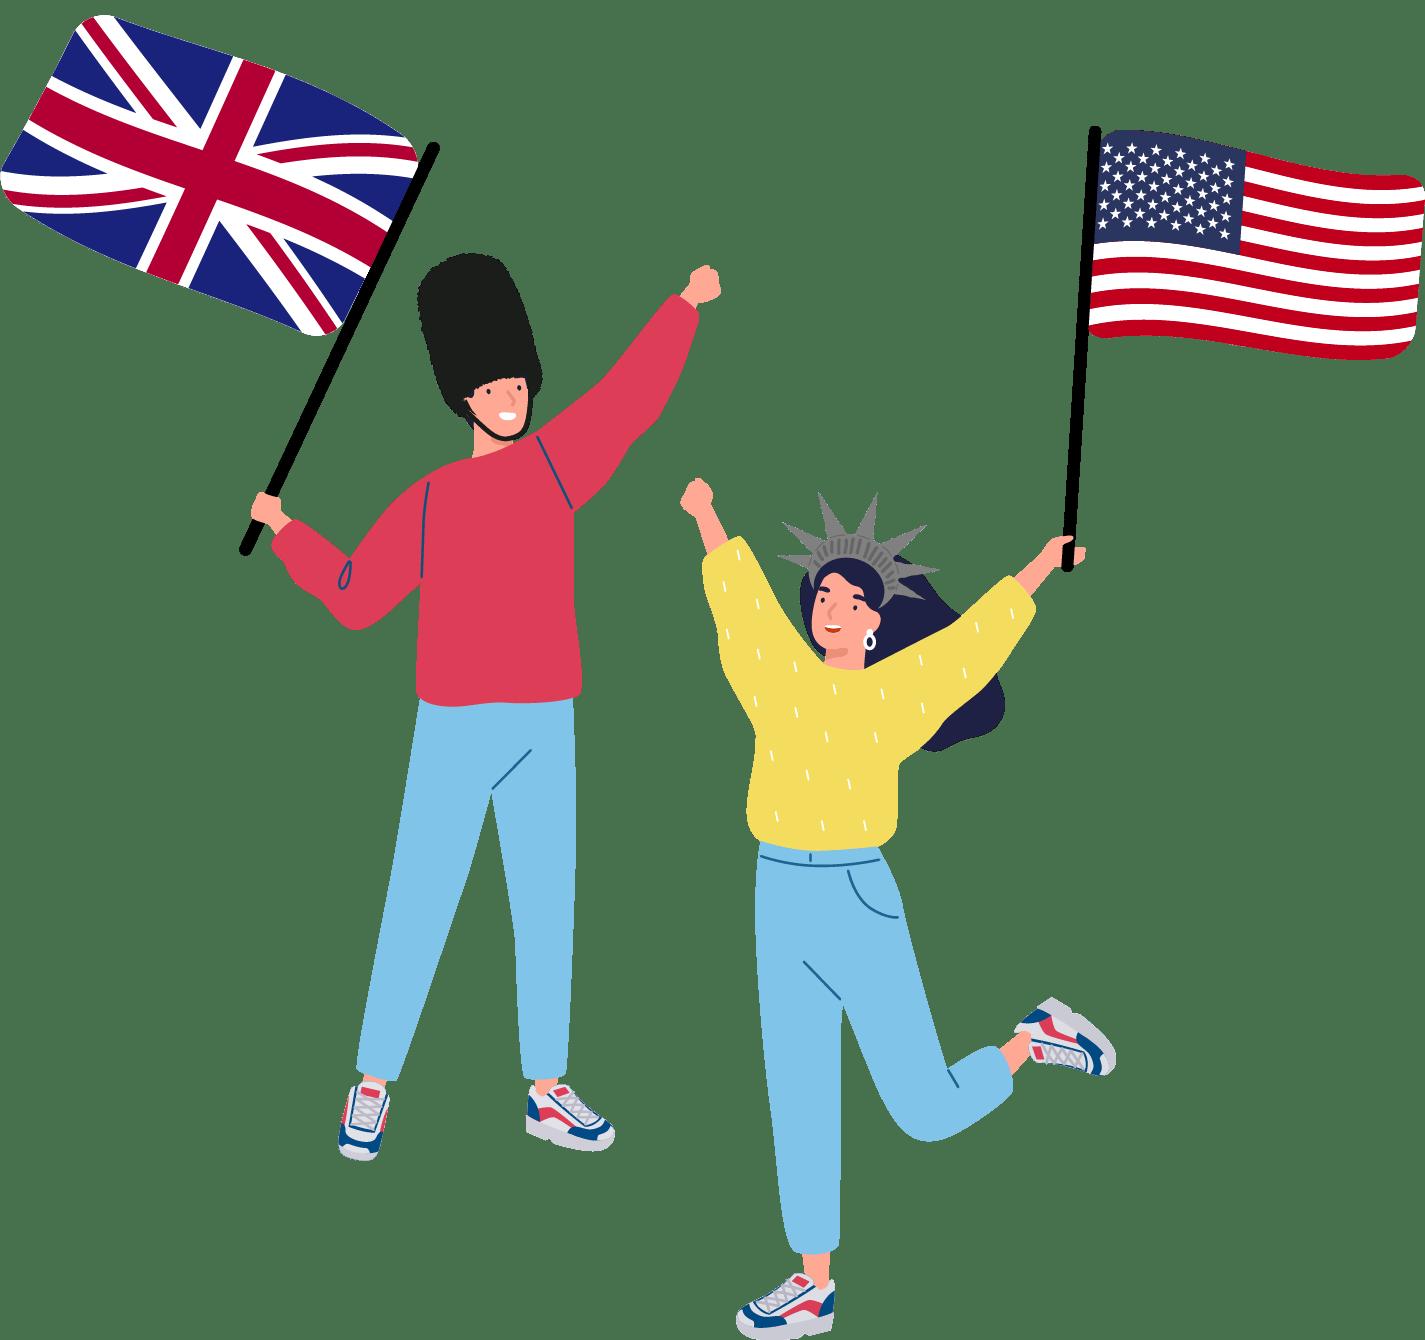 Clasinitos contentos con bandera de Gran Bretaña y Estados Unidos